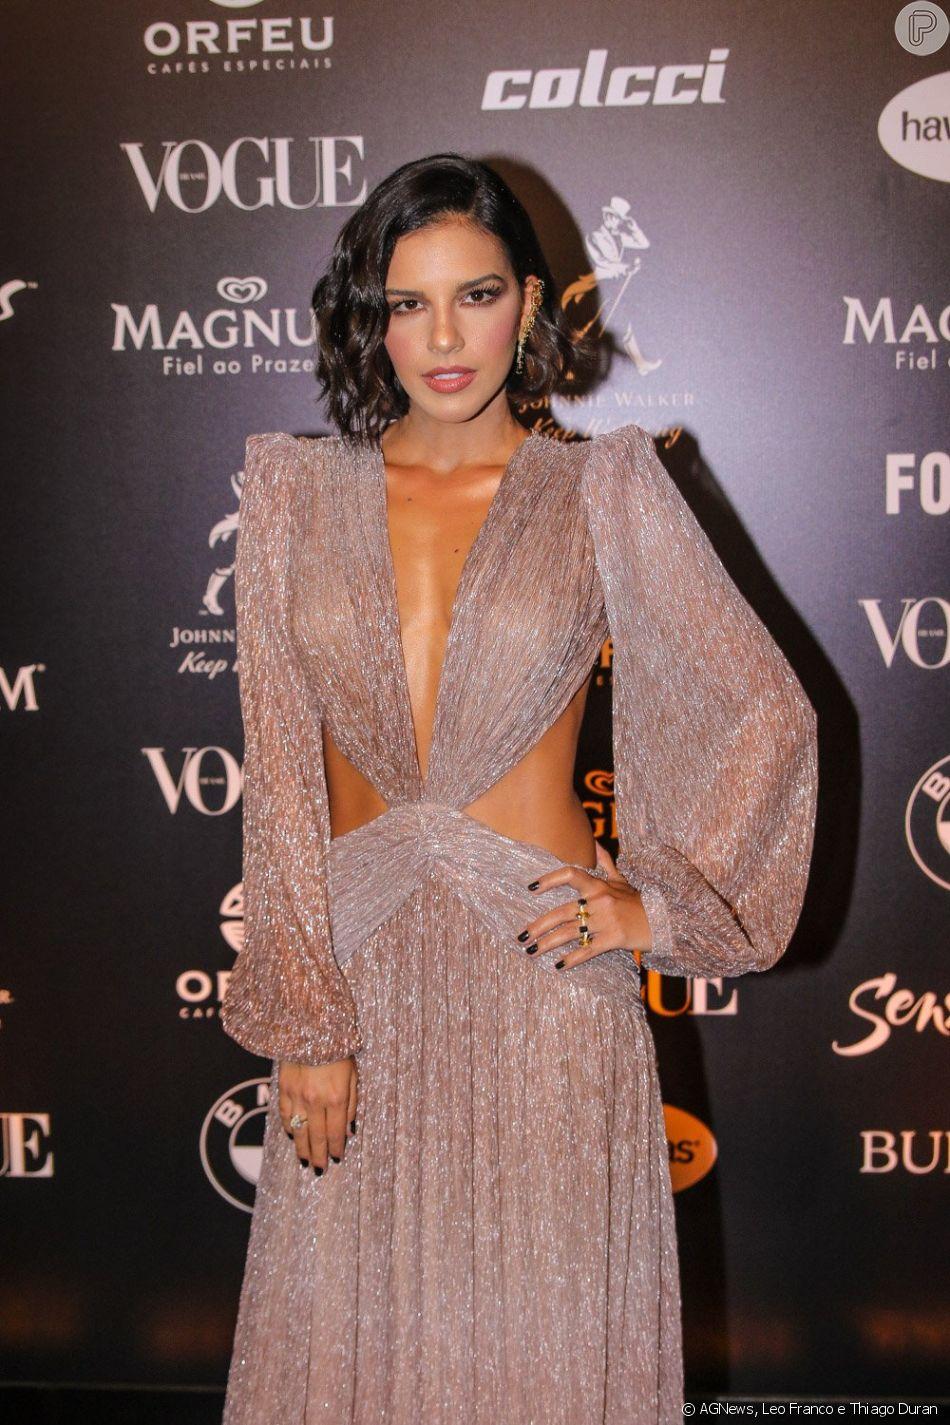 Baile da Vogue Brasil: veja aqui os looks